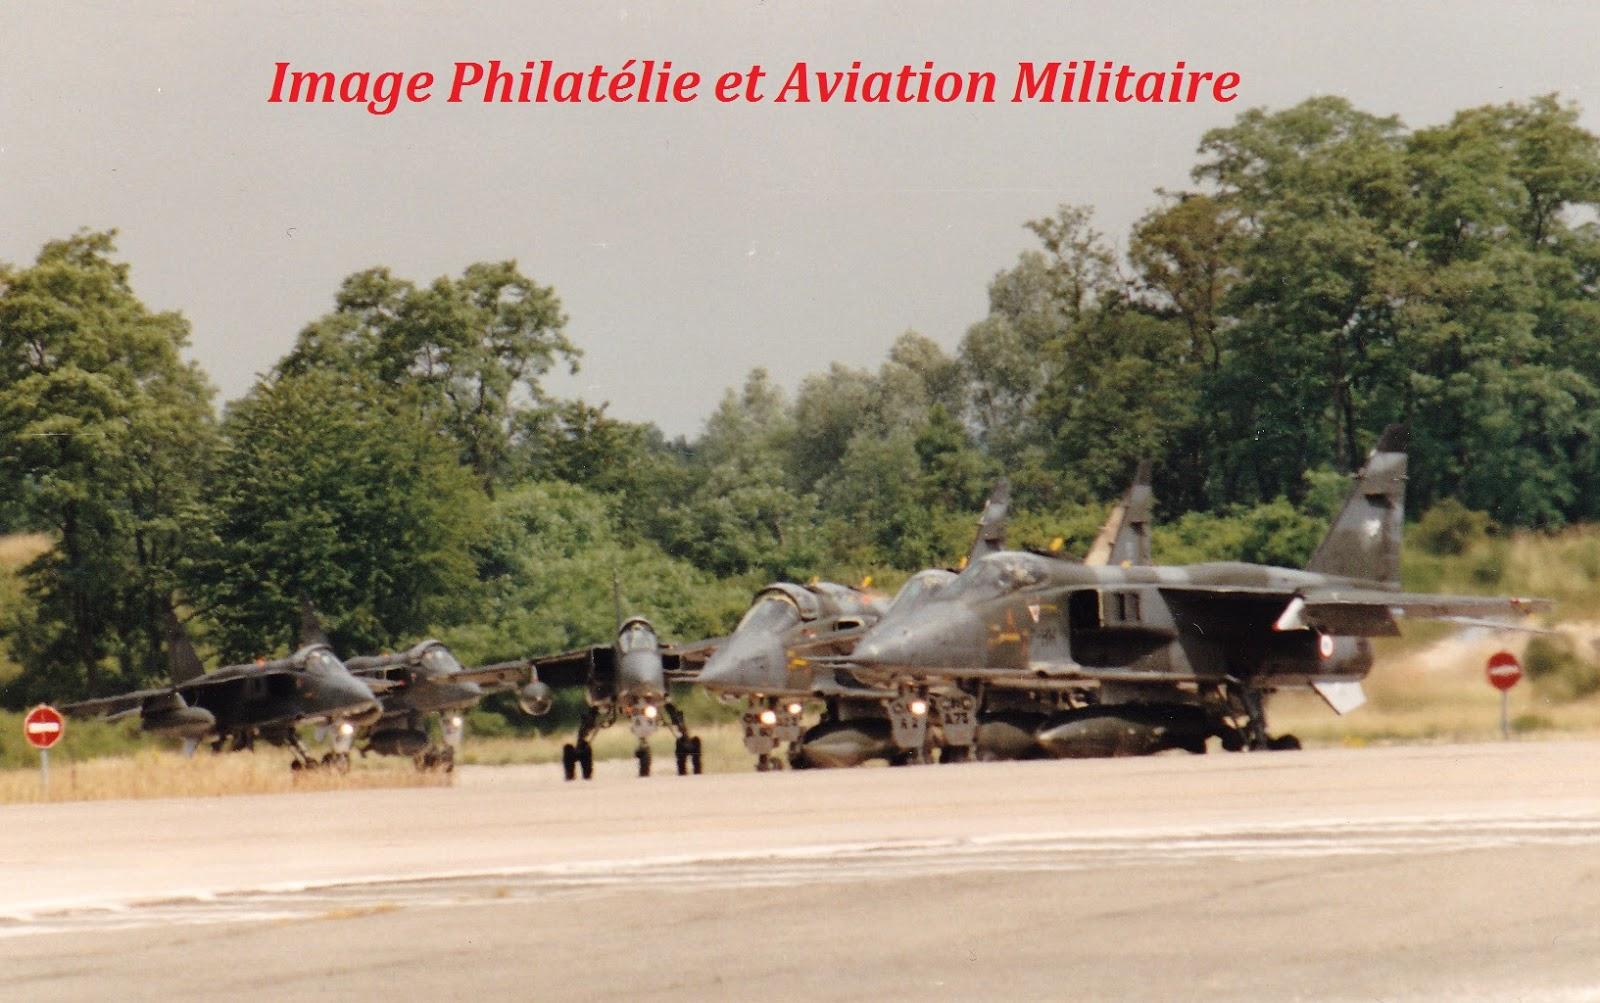 Philatelie et aviation militaire 7eme escadre de chasse - Porte ouverte base aerienne saint dizier 2017 ...